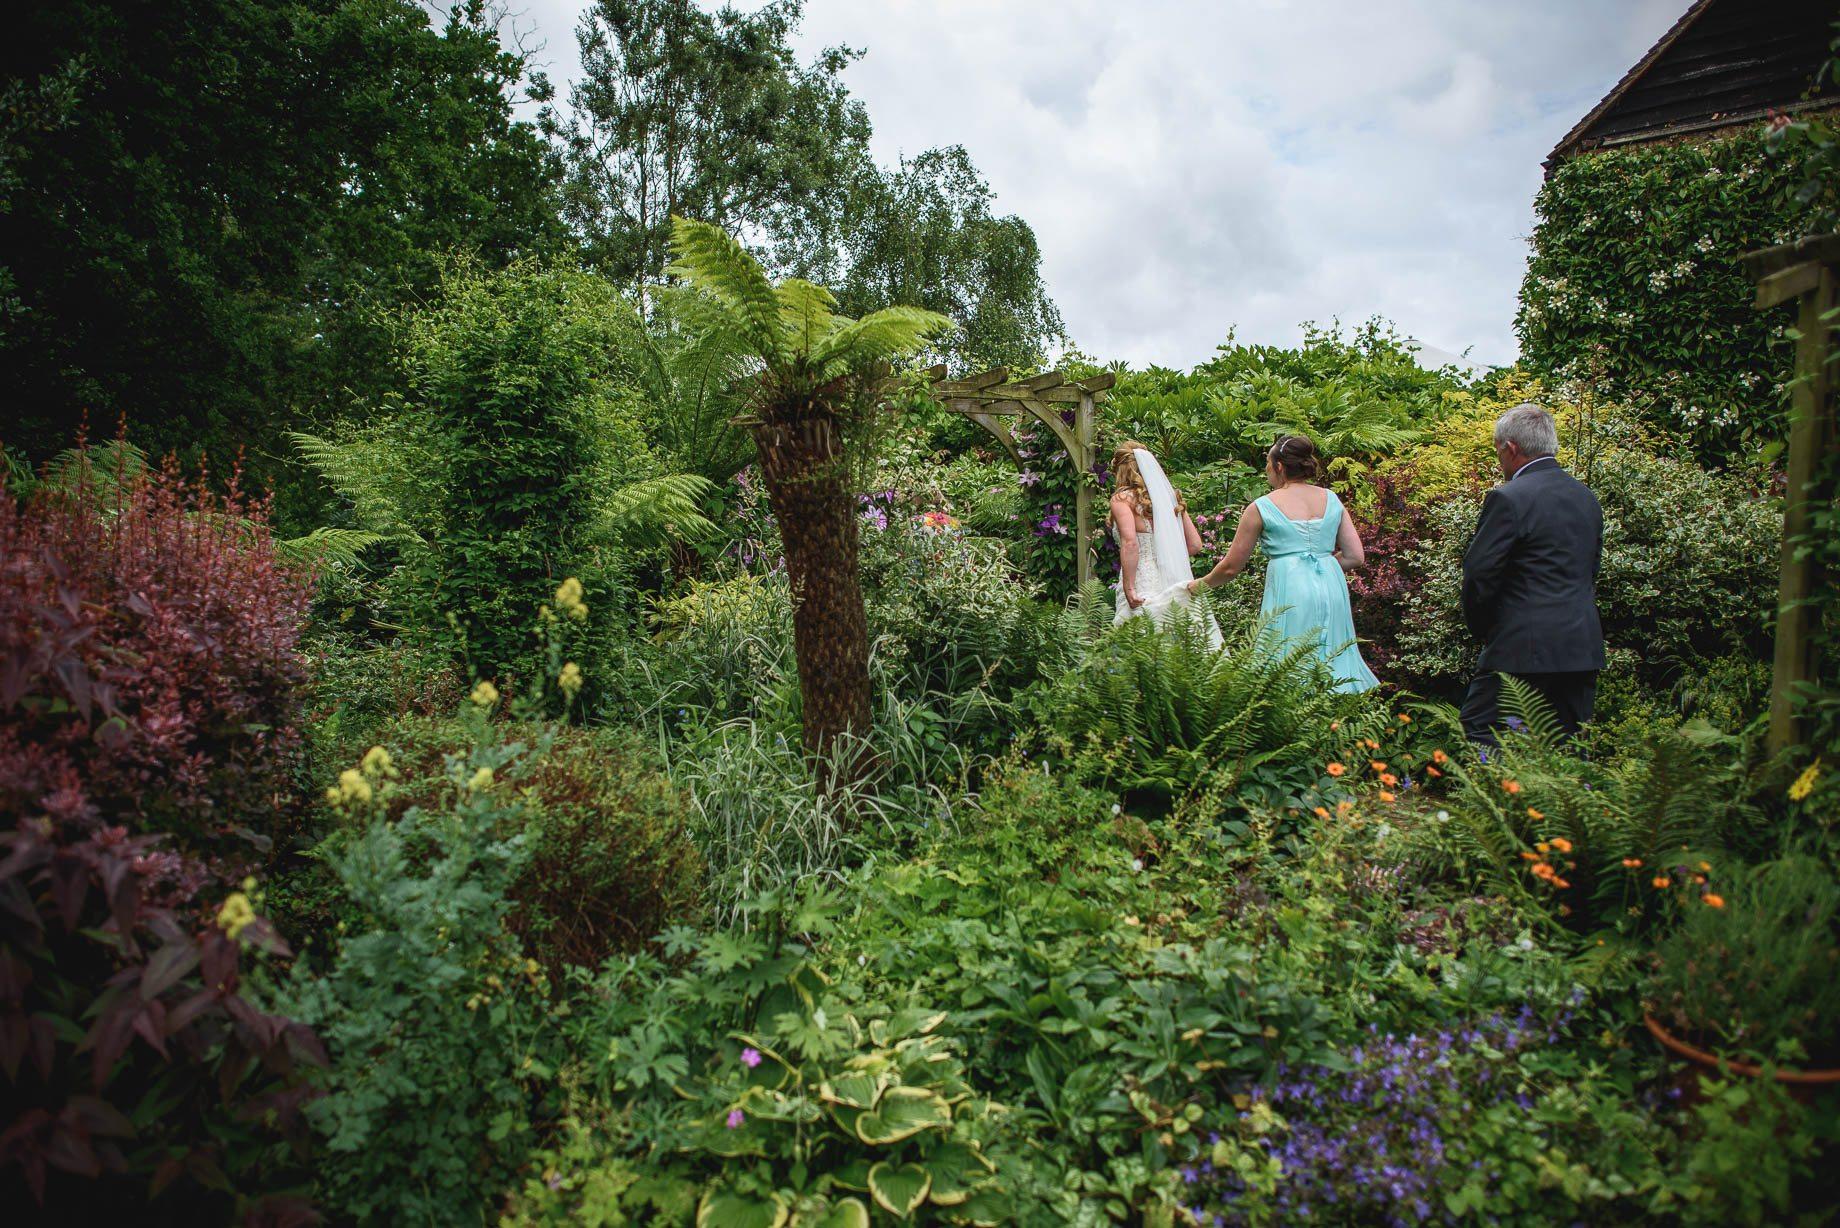 Bartholomew Barns wedding photography - Louise and Spencer (33 of 151)